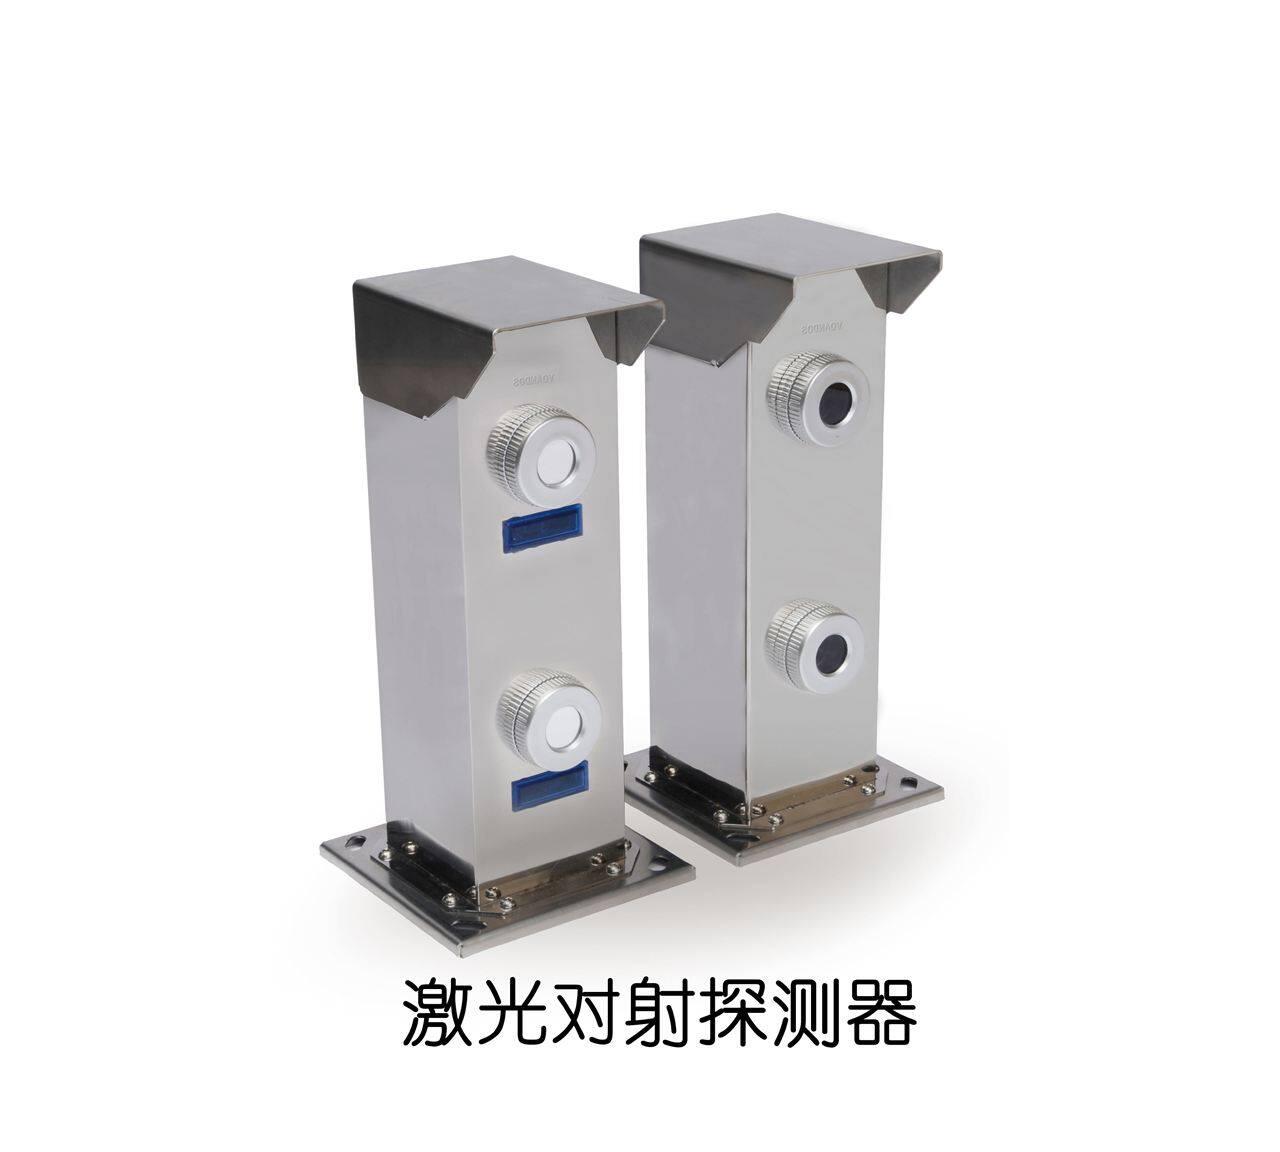 上海客欧安防-激光对射探测器-周界报警产品